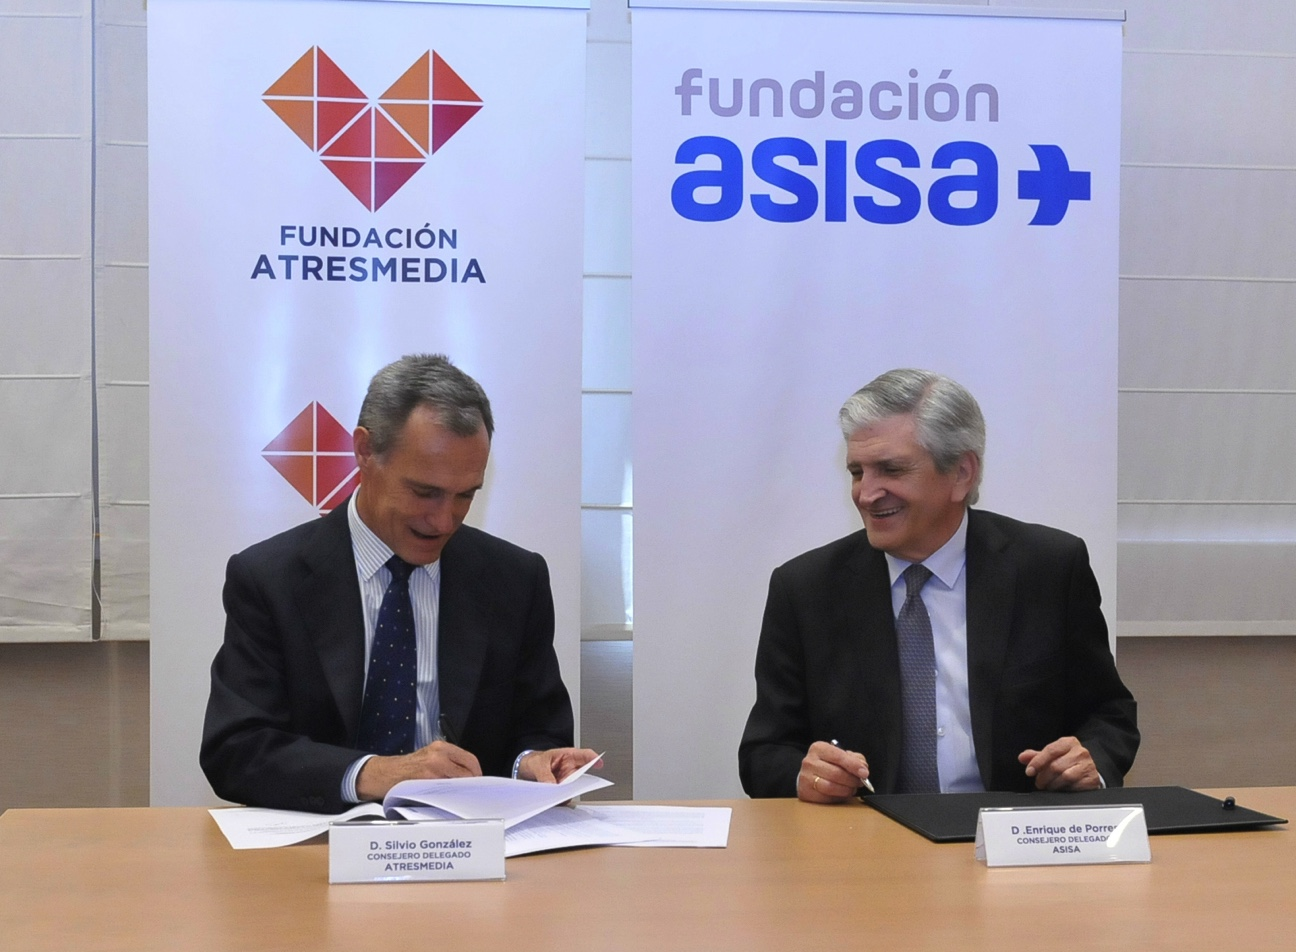 El Canal FAN3 de la Fundación ATRESMEDIA  llega a los hospitales del Grupo HLA